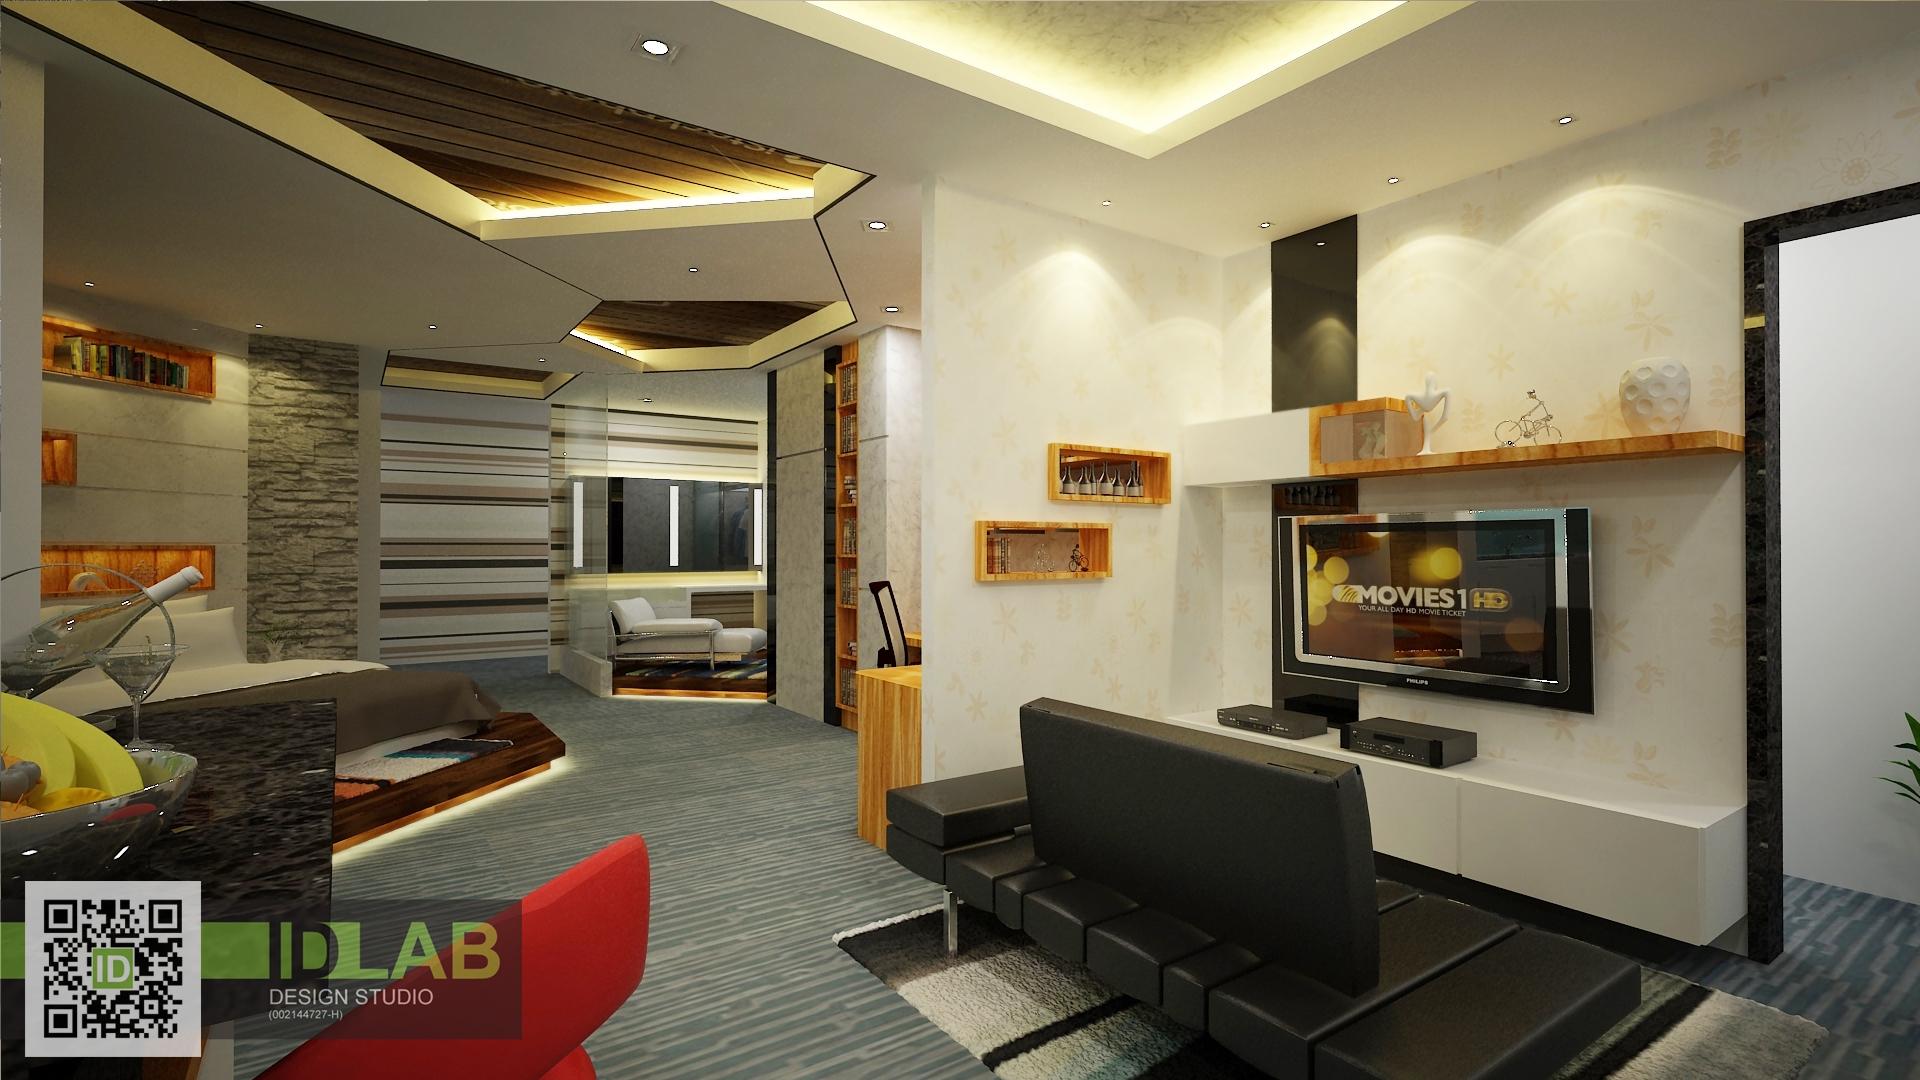 Showroom johor bahru renof gallery for Home design johor bahru